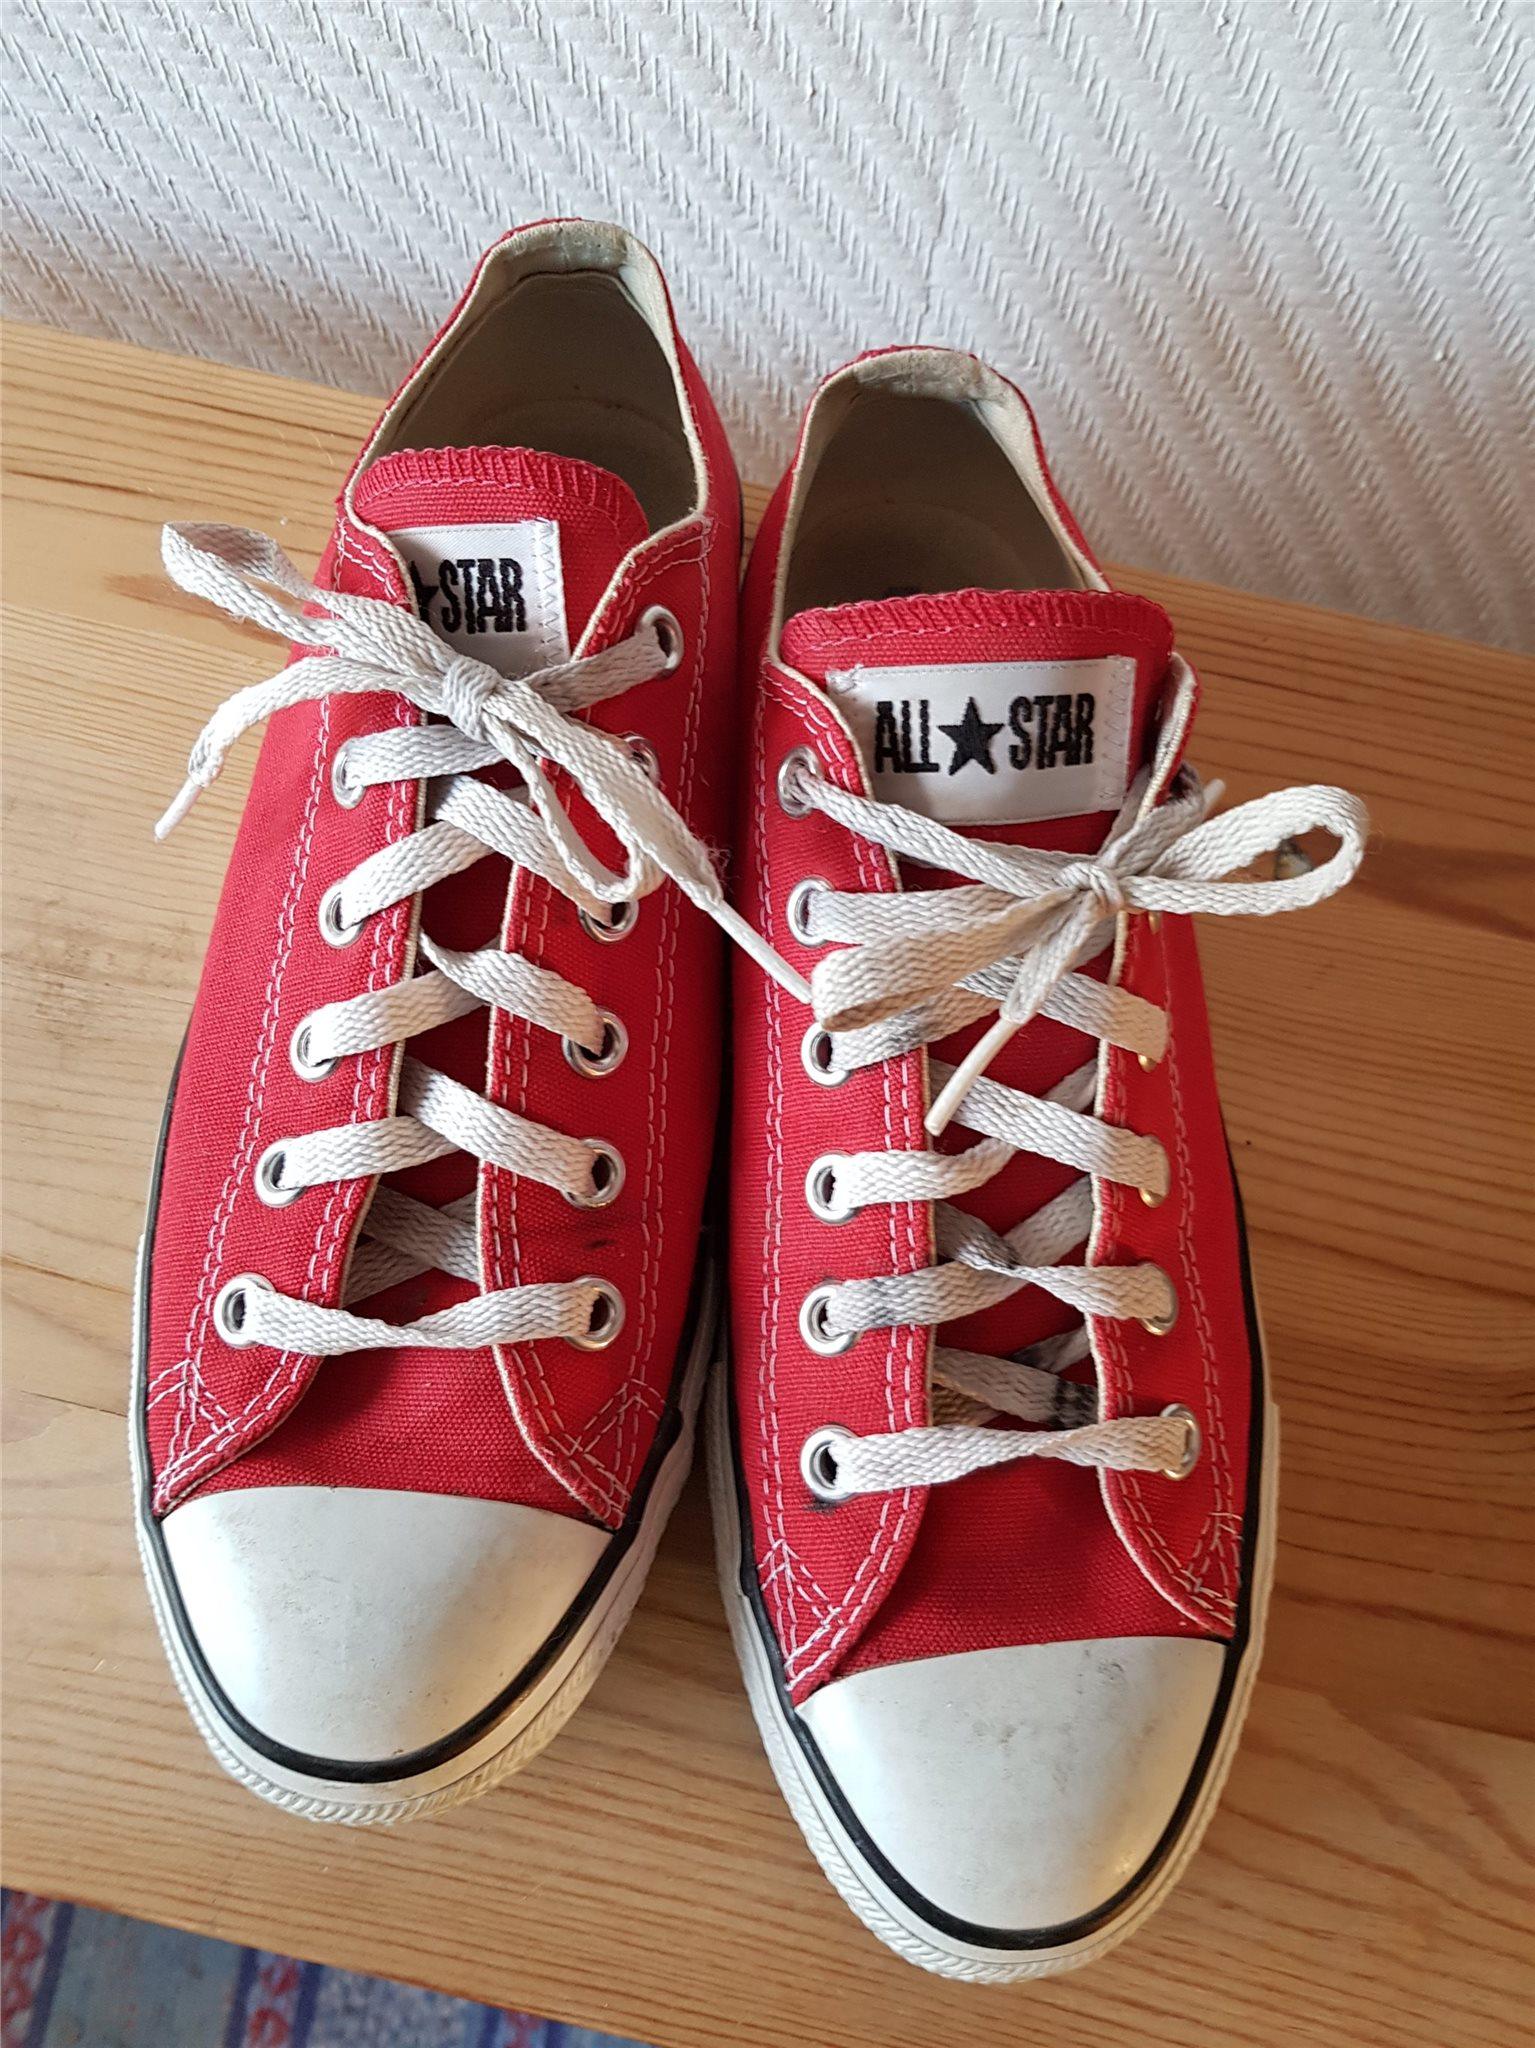 0990e169303 Röda converse All star, stl 40 (337831707) ᐈ Köp på Tradera